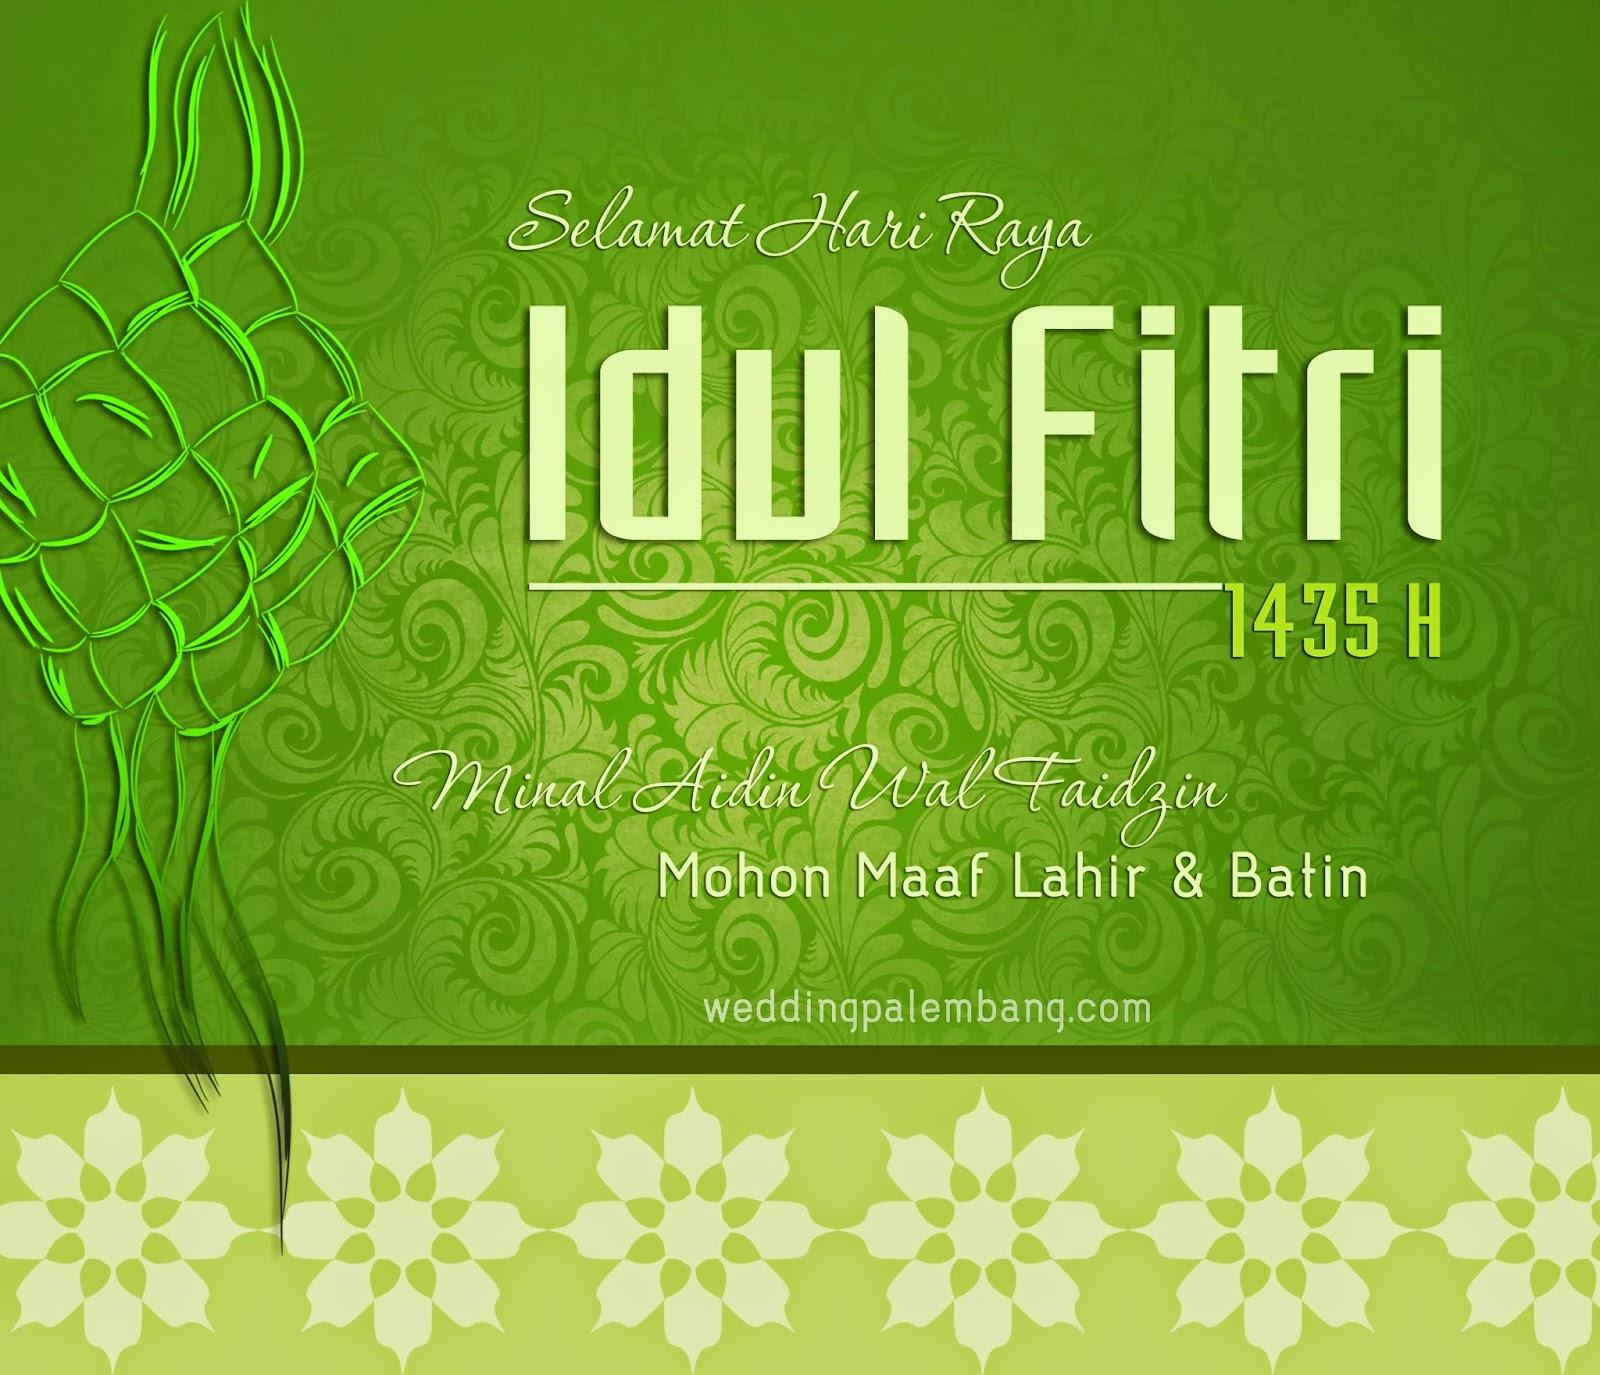 Kumpulan Ucapan Selamat Hari Raya / Lebaran Idul Fitri 1435 H - 2014